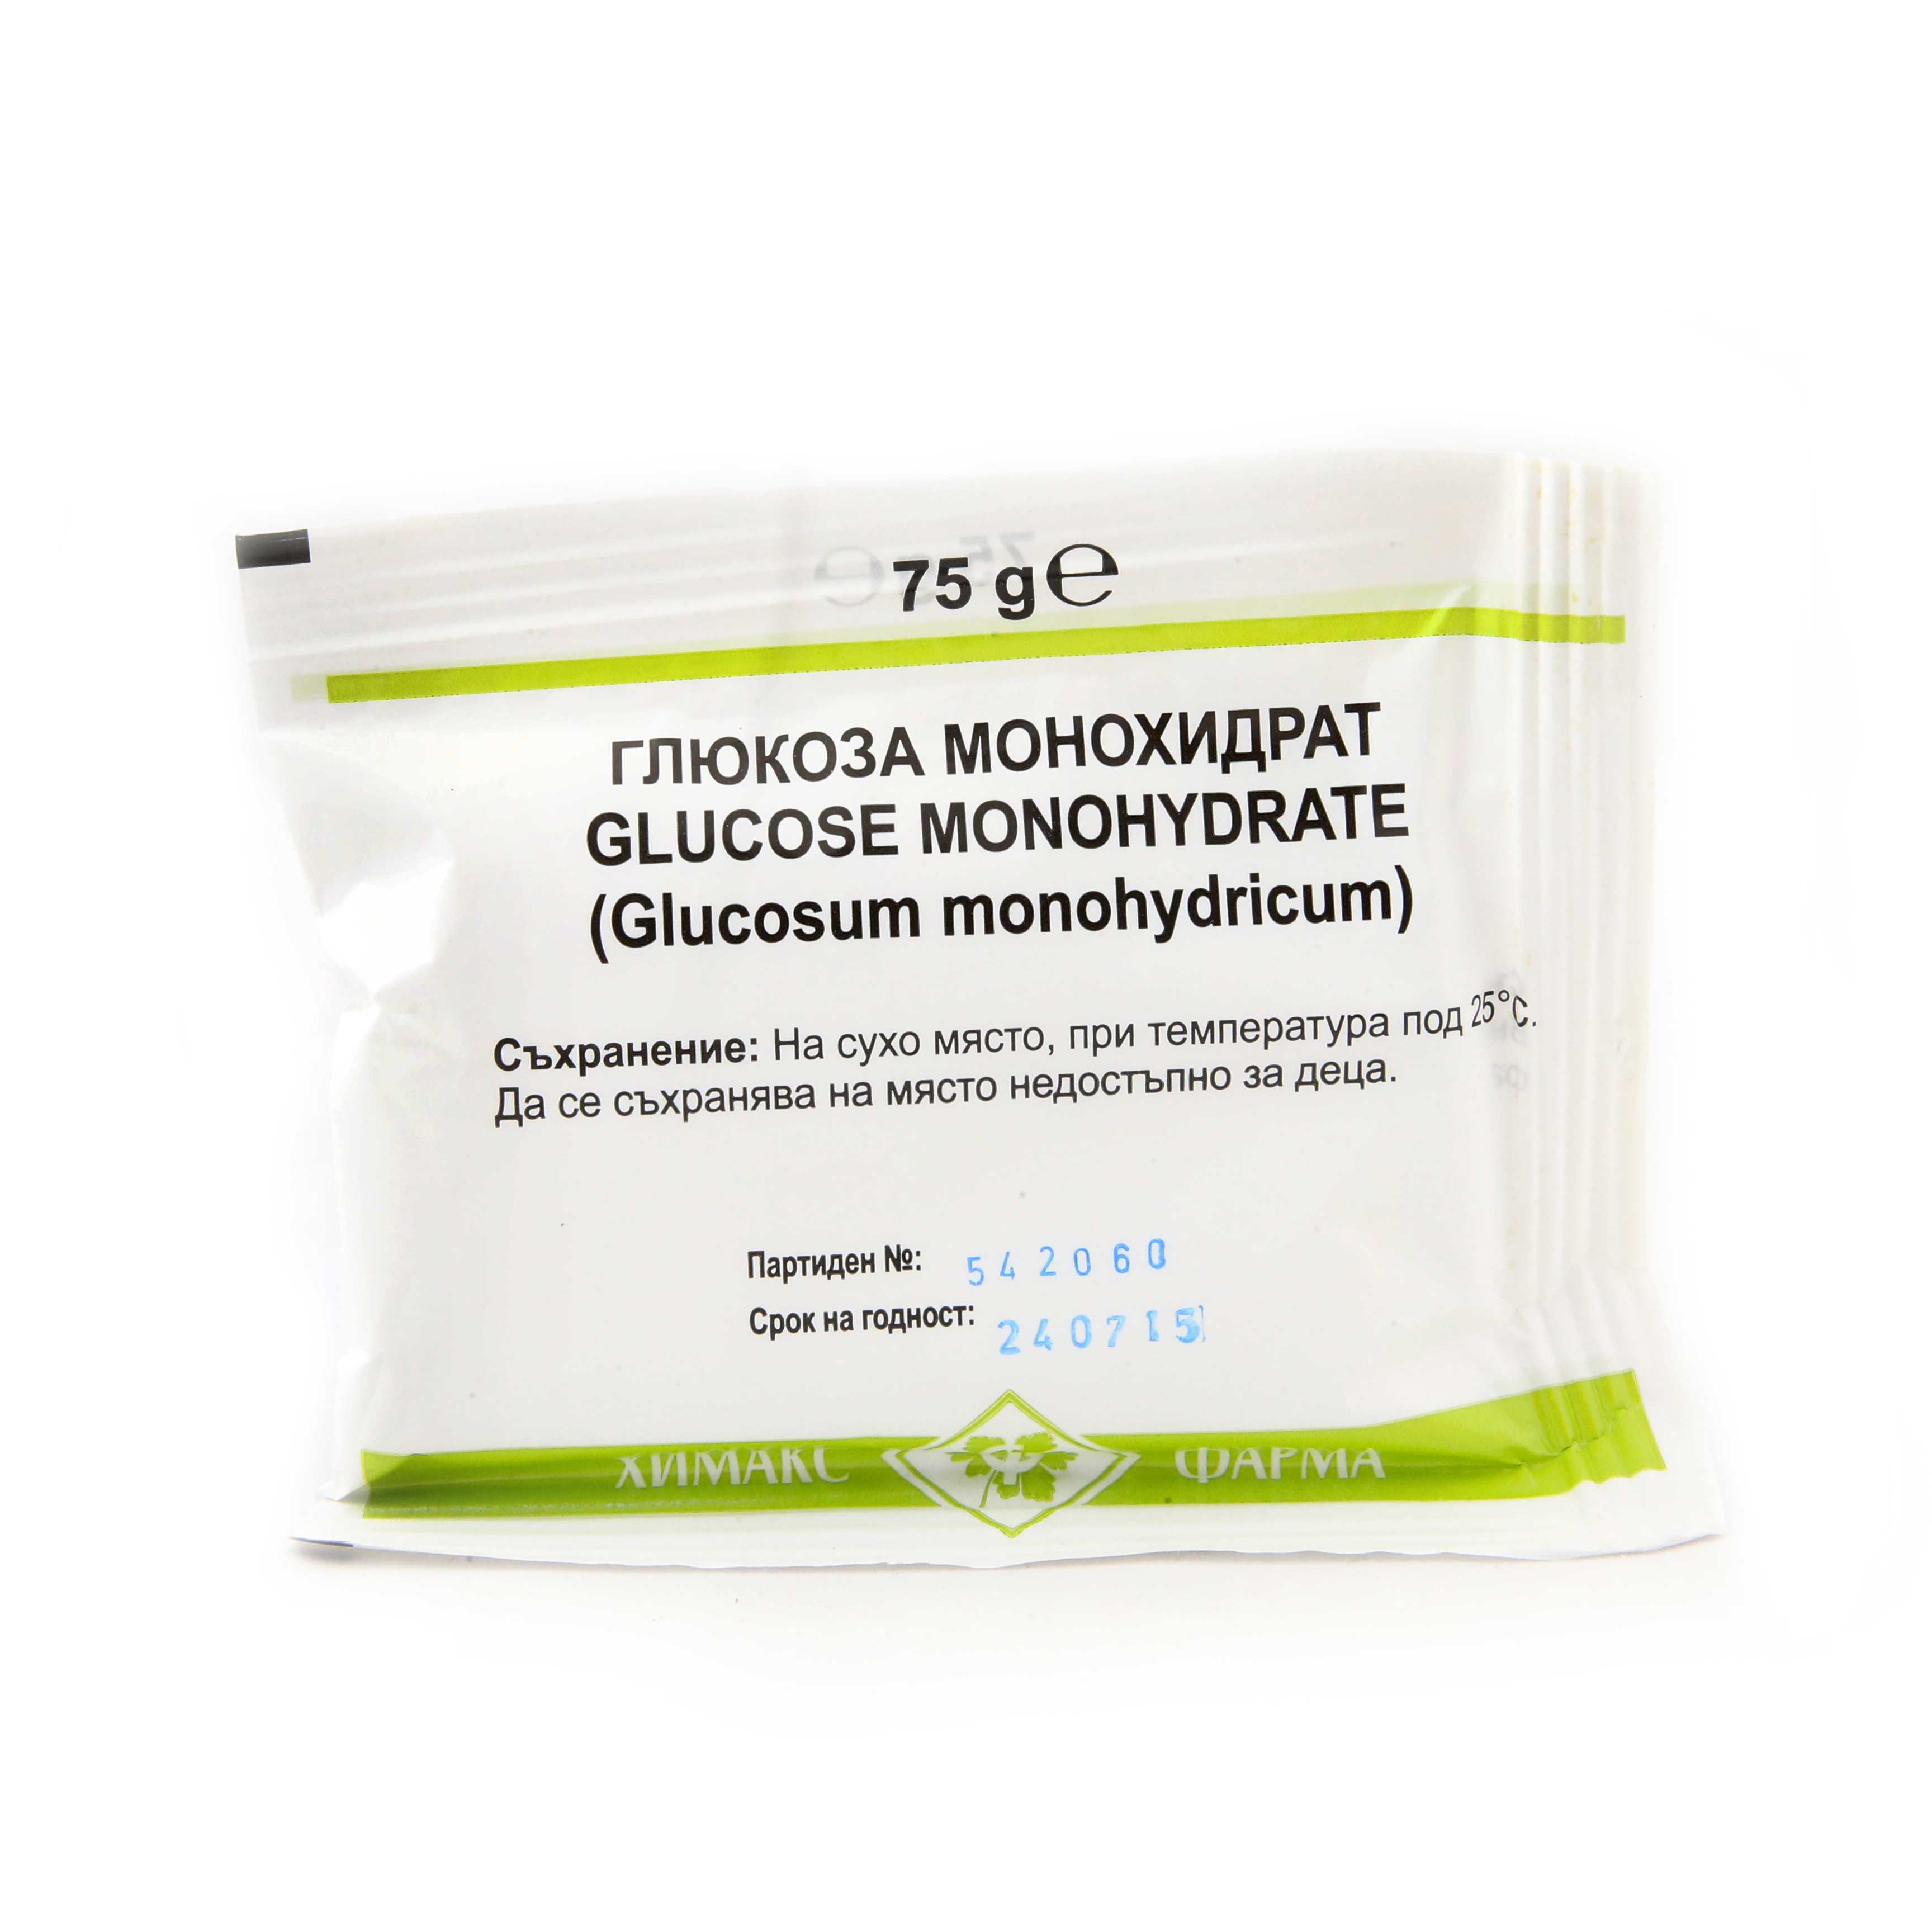 Описание:  ГЛЮКОЗА / GLUCOSE на Химакс Фарма е прост монозахарид, който се явява от най-важните въглехидрати в биохимията и се използва за един от най-разпространените методи за диагностика на заболяването диабет - глюкозо- толерантния тест. Клетките я използват като източник на енергия и посредник в метаболитните процеси.  Глюкозата е един от основните продукти на фотосинтезата и се разгражда при клетъчното дишане както при прокариотите, така и при еукариотите в  процеса на  отделяне на енергия.  Състав:   Глюкоза Монохидрат съдържа:глюкоза фина (декстроза).  Хранителна стойност в 100 g:  белтъчини 0.0 g; мазнини 0.0 g; въглехидрати 99.9 g; хранителни влакнини 0.0 g; натрий 0.0 mg.  Нашият квалифициран магистър- фармацевт ще Ви препоръча най- качествените и подходящи за Вас продукти на ниска цена! Не се колебайте да му пишете всеки делничен ден между 09:00 и 18:00 часа чрез лайв чат функцията вдясно!